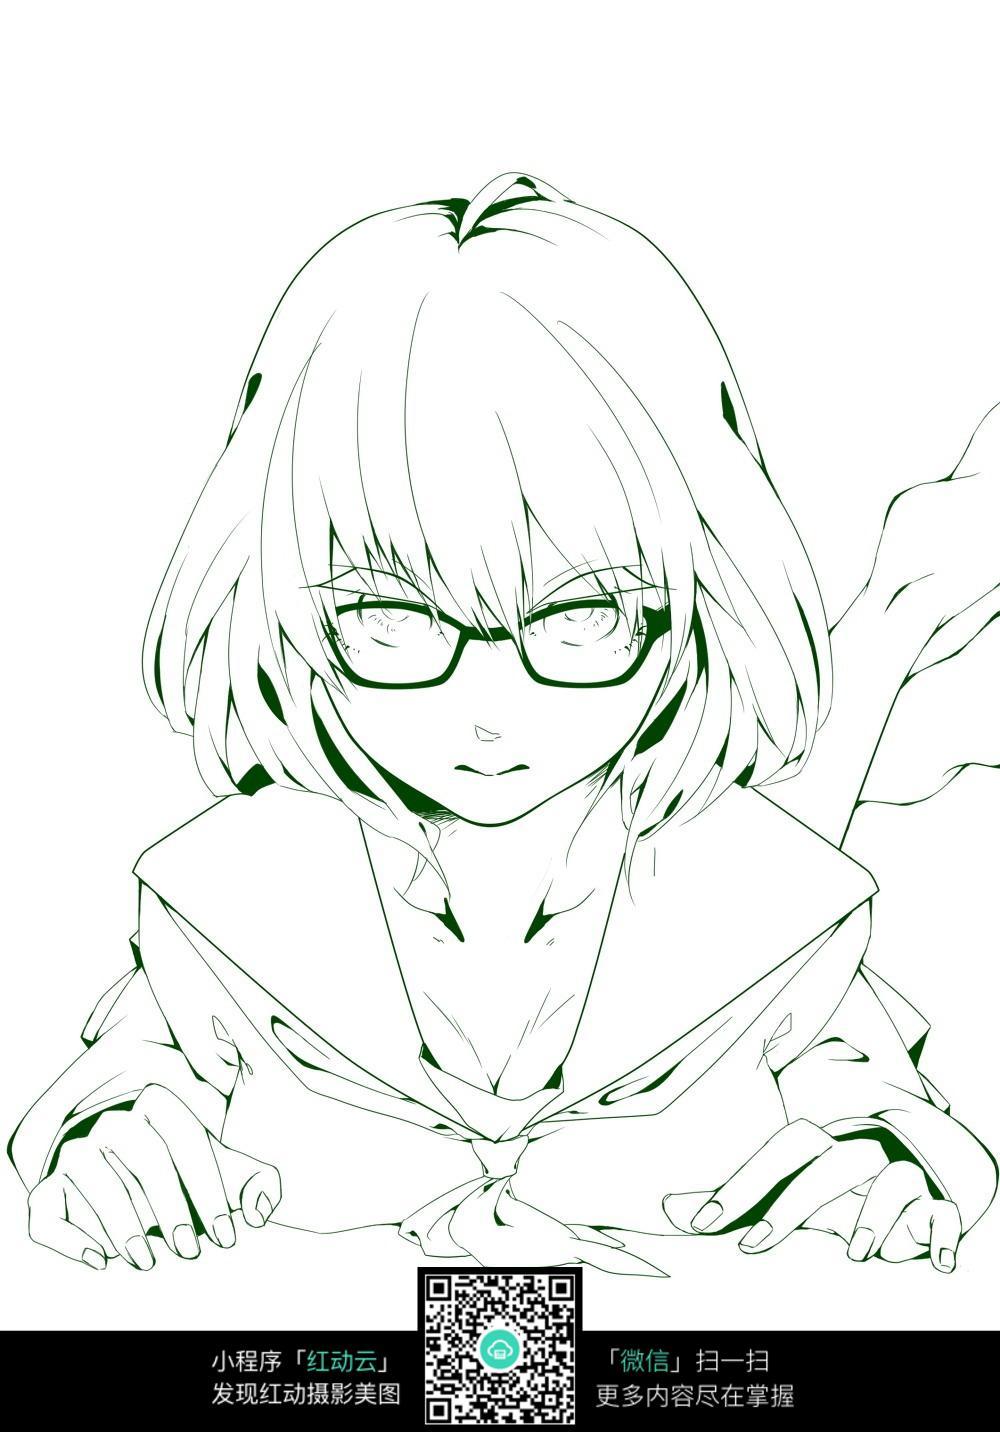 眼镜女孩卡通手绘线稿